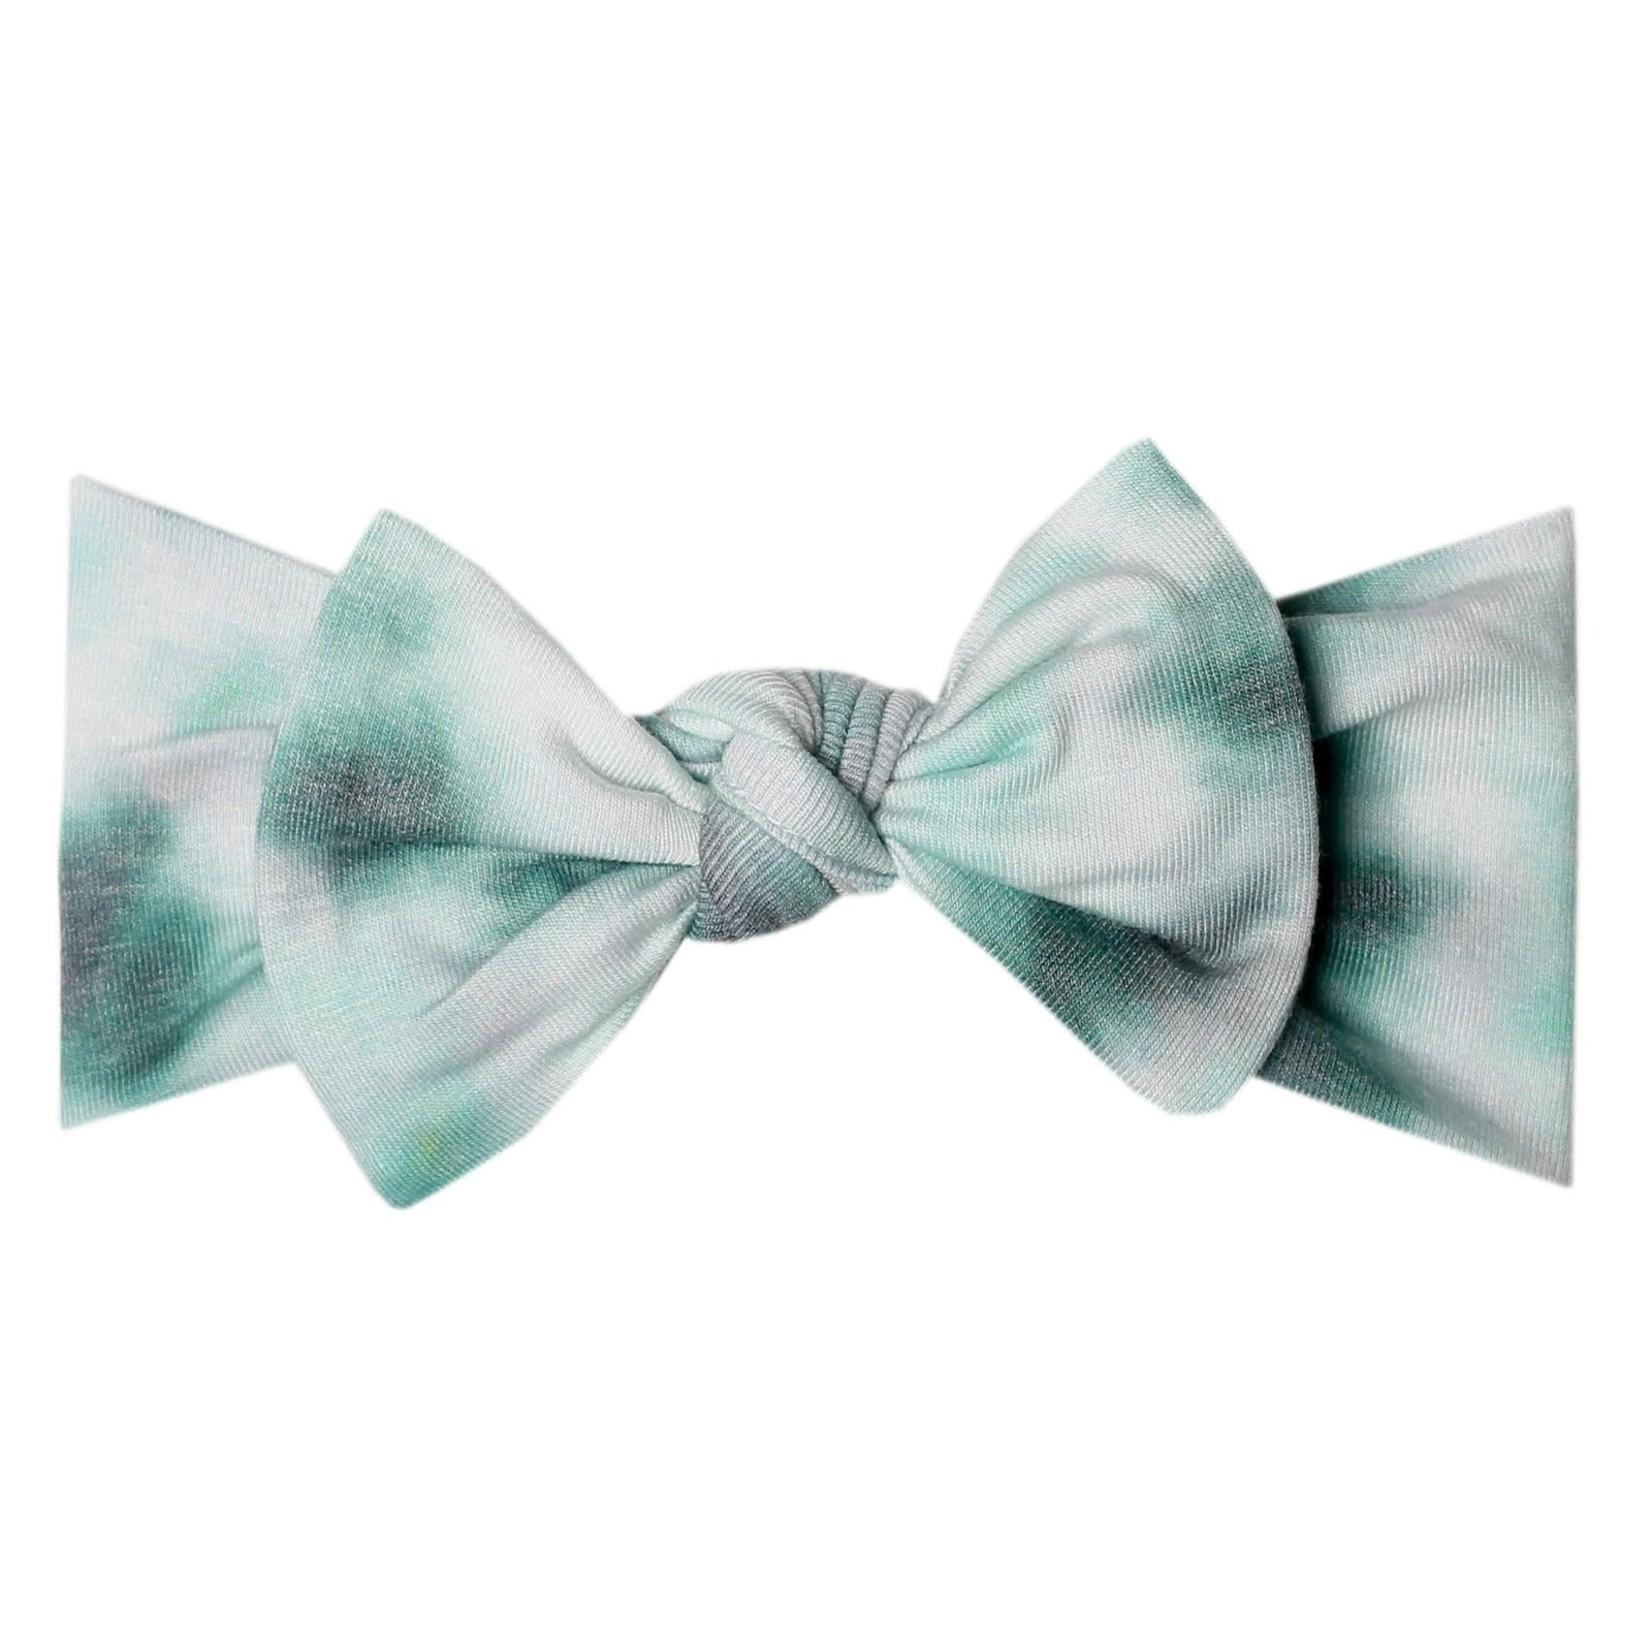 Copper Pearl Knit Headband - Bahama